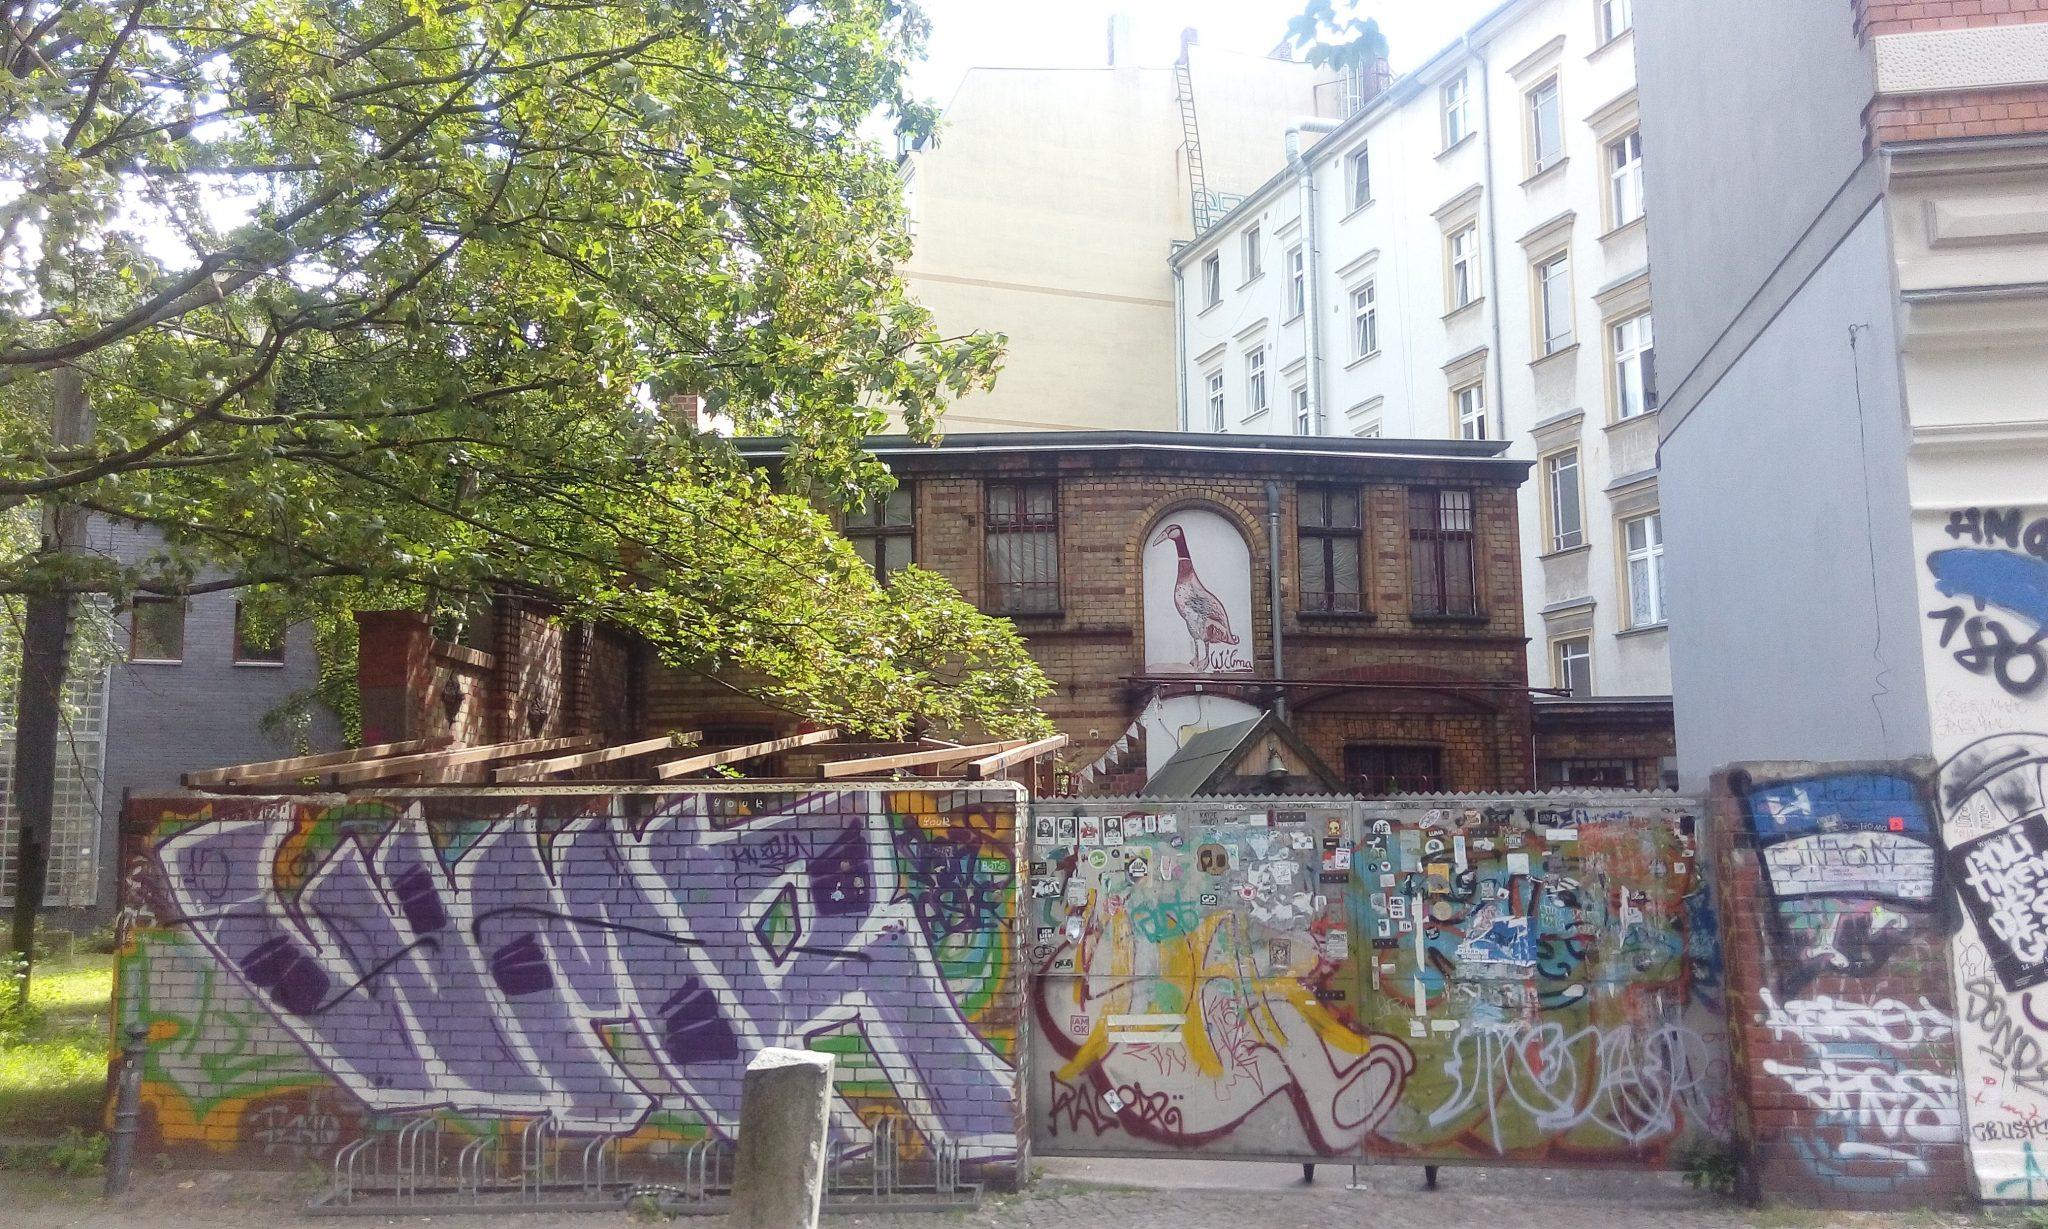 Wilma - eine Kellerbar und Galerie an einem historischen Ort